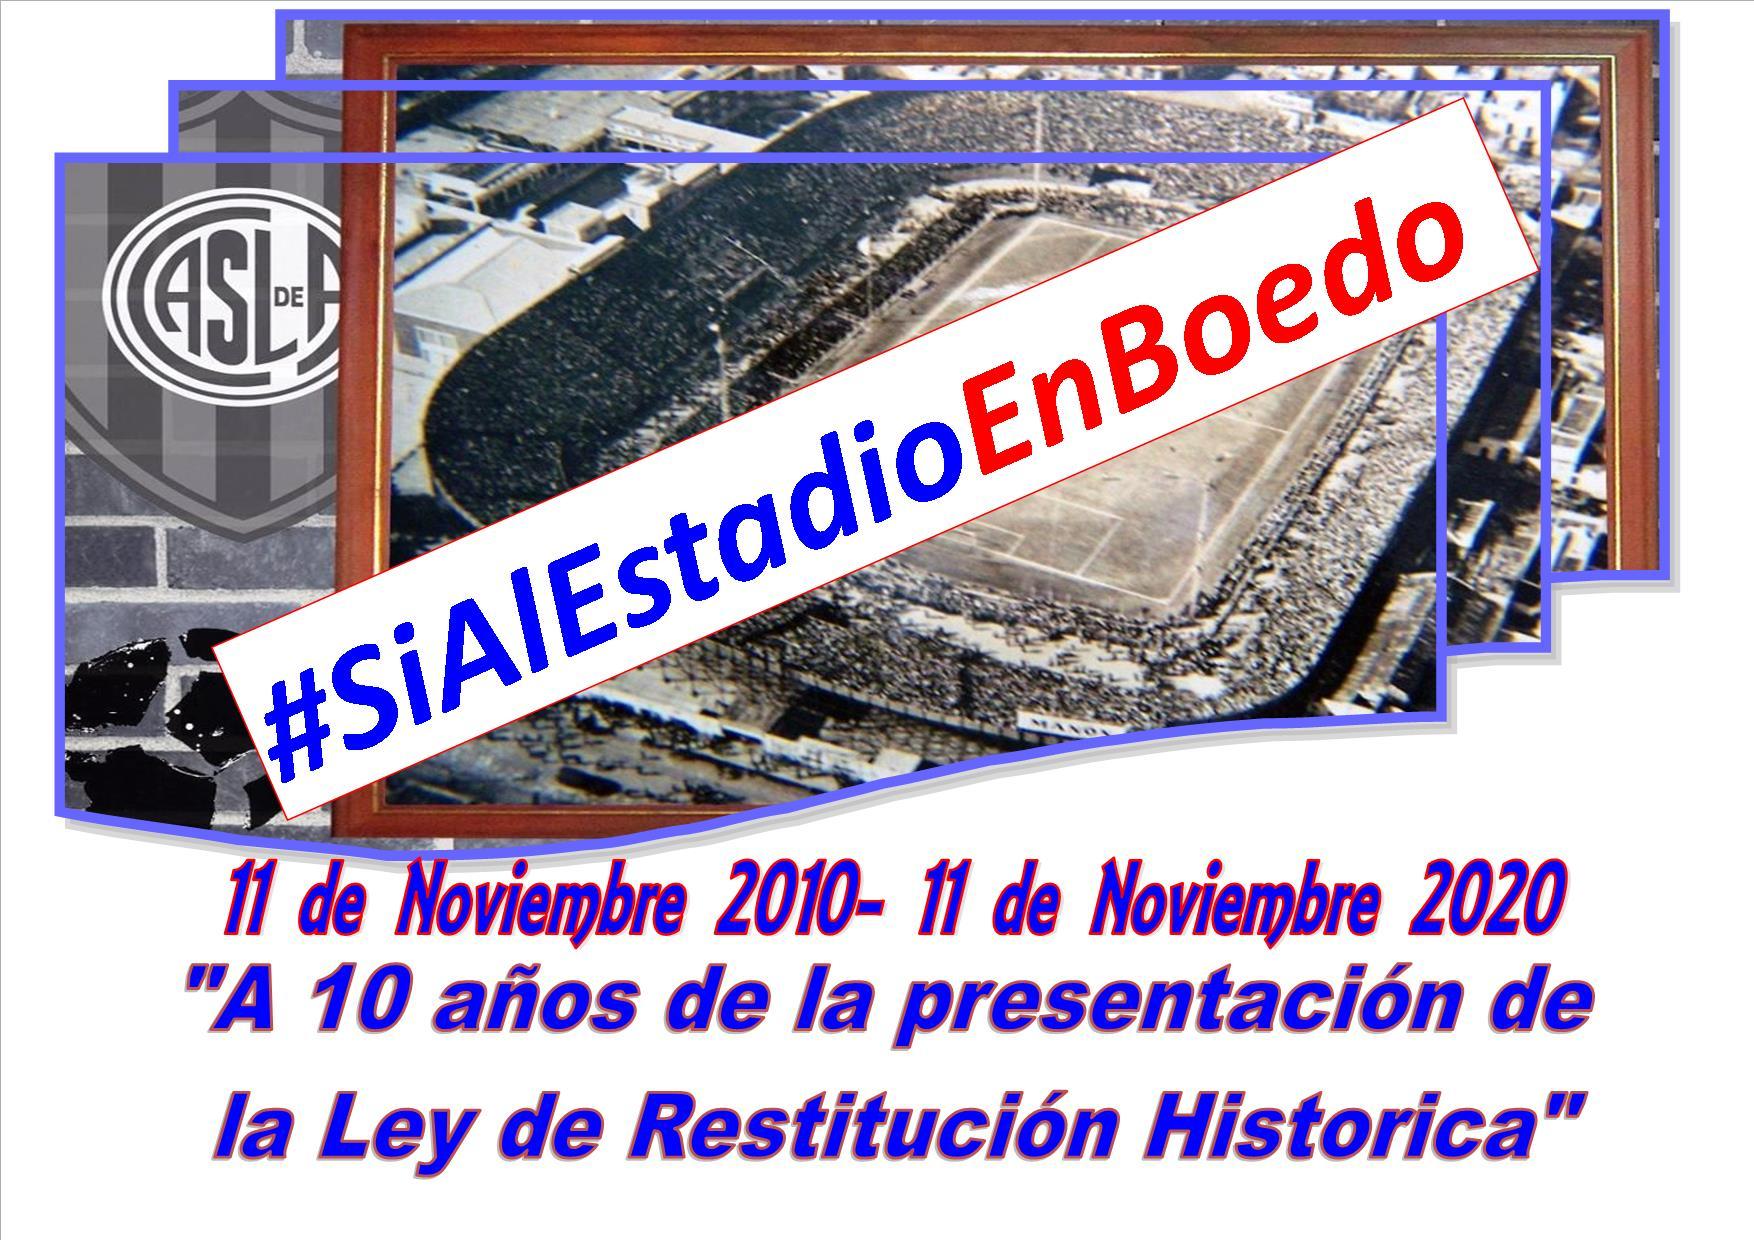 Para emocionarse!!! A 10 años de la presentación de la Ley de Restitución Historica!!!!!